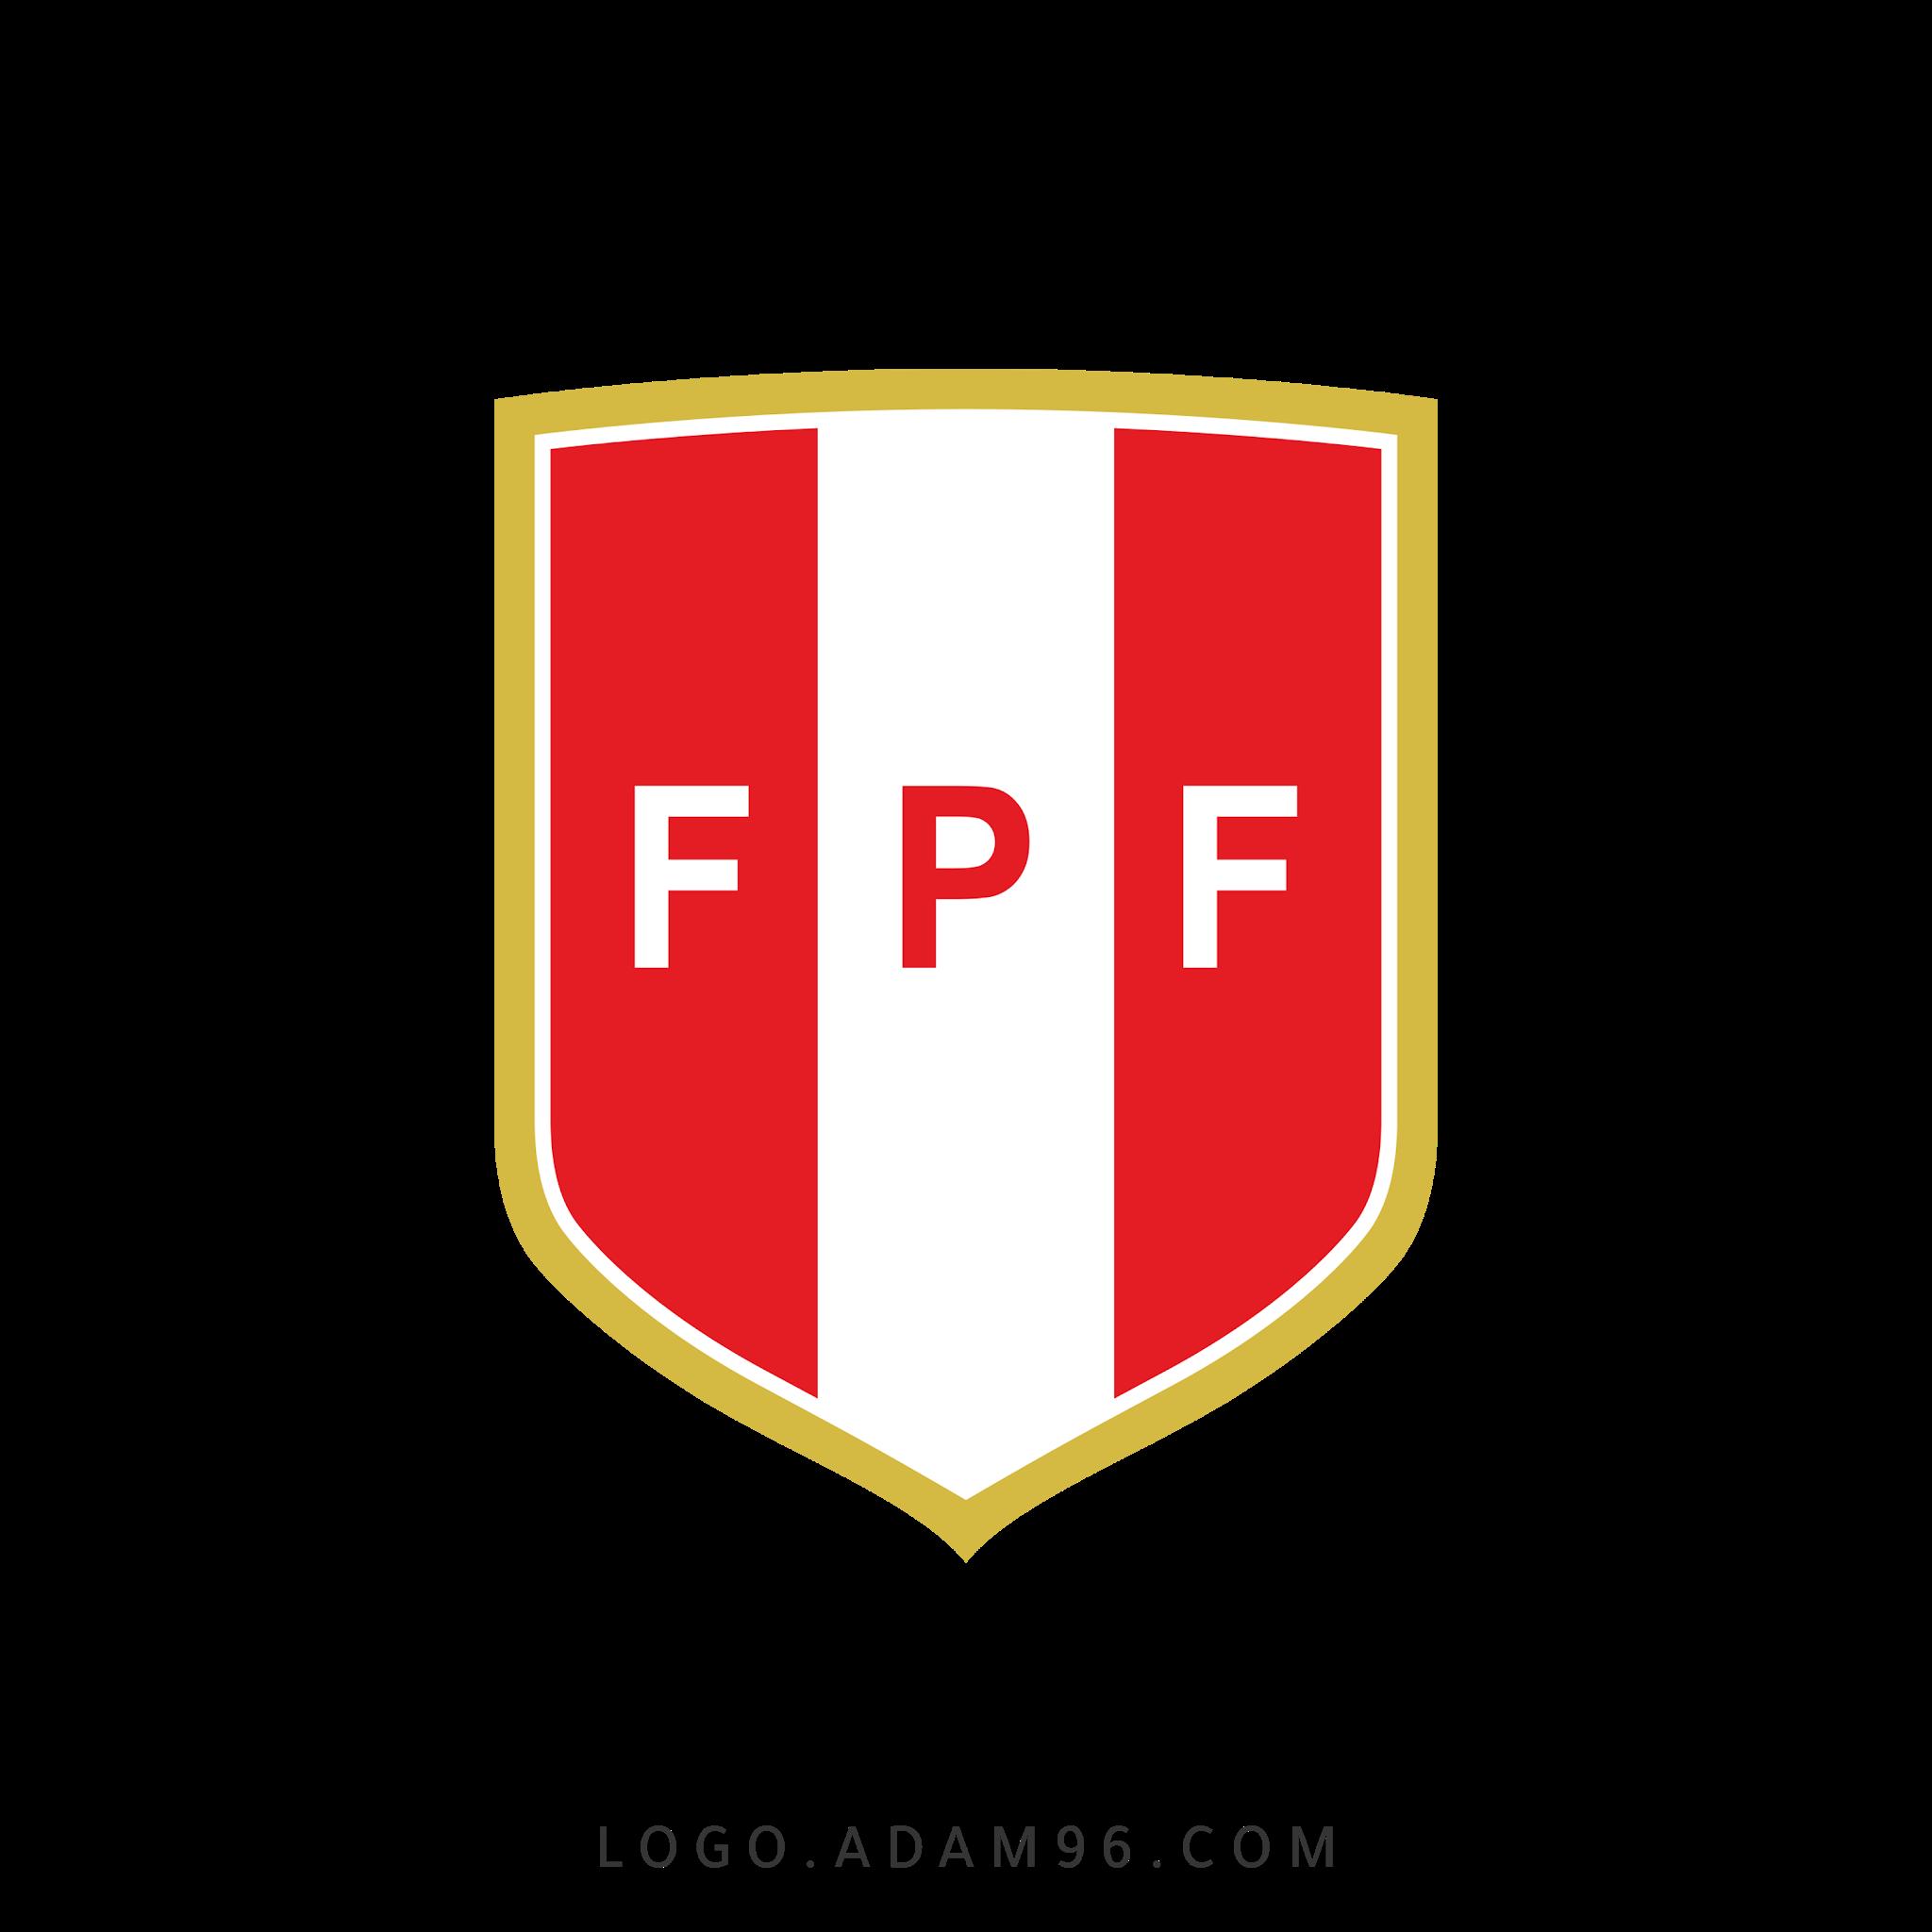 تحميل شعار منتخب بيرو لكرة القدم لوجو رسمي شفاف بصيغة PNG